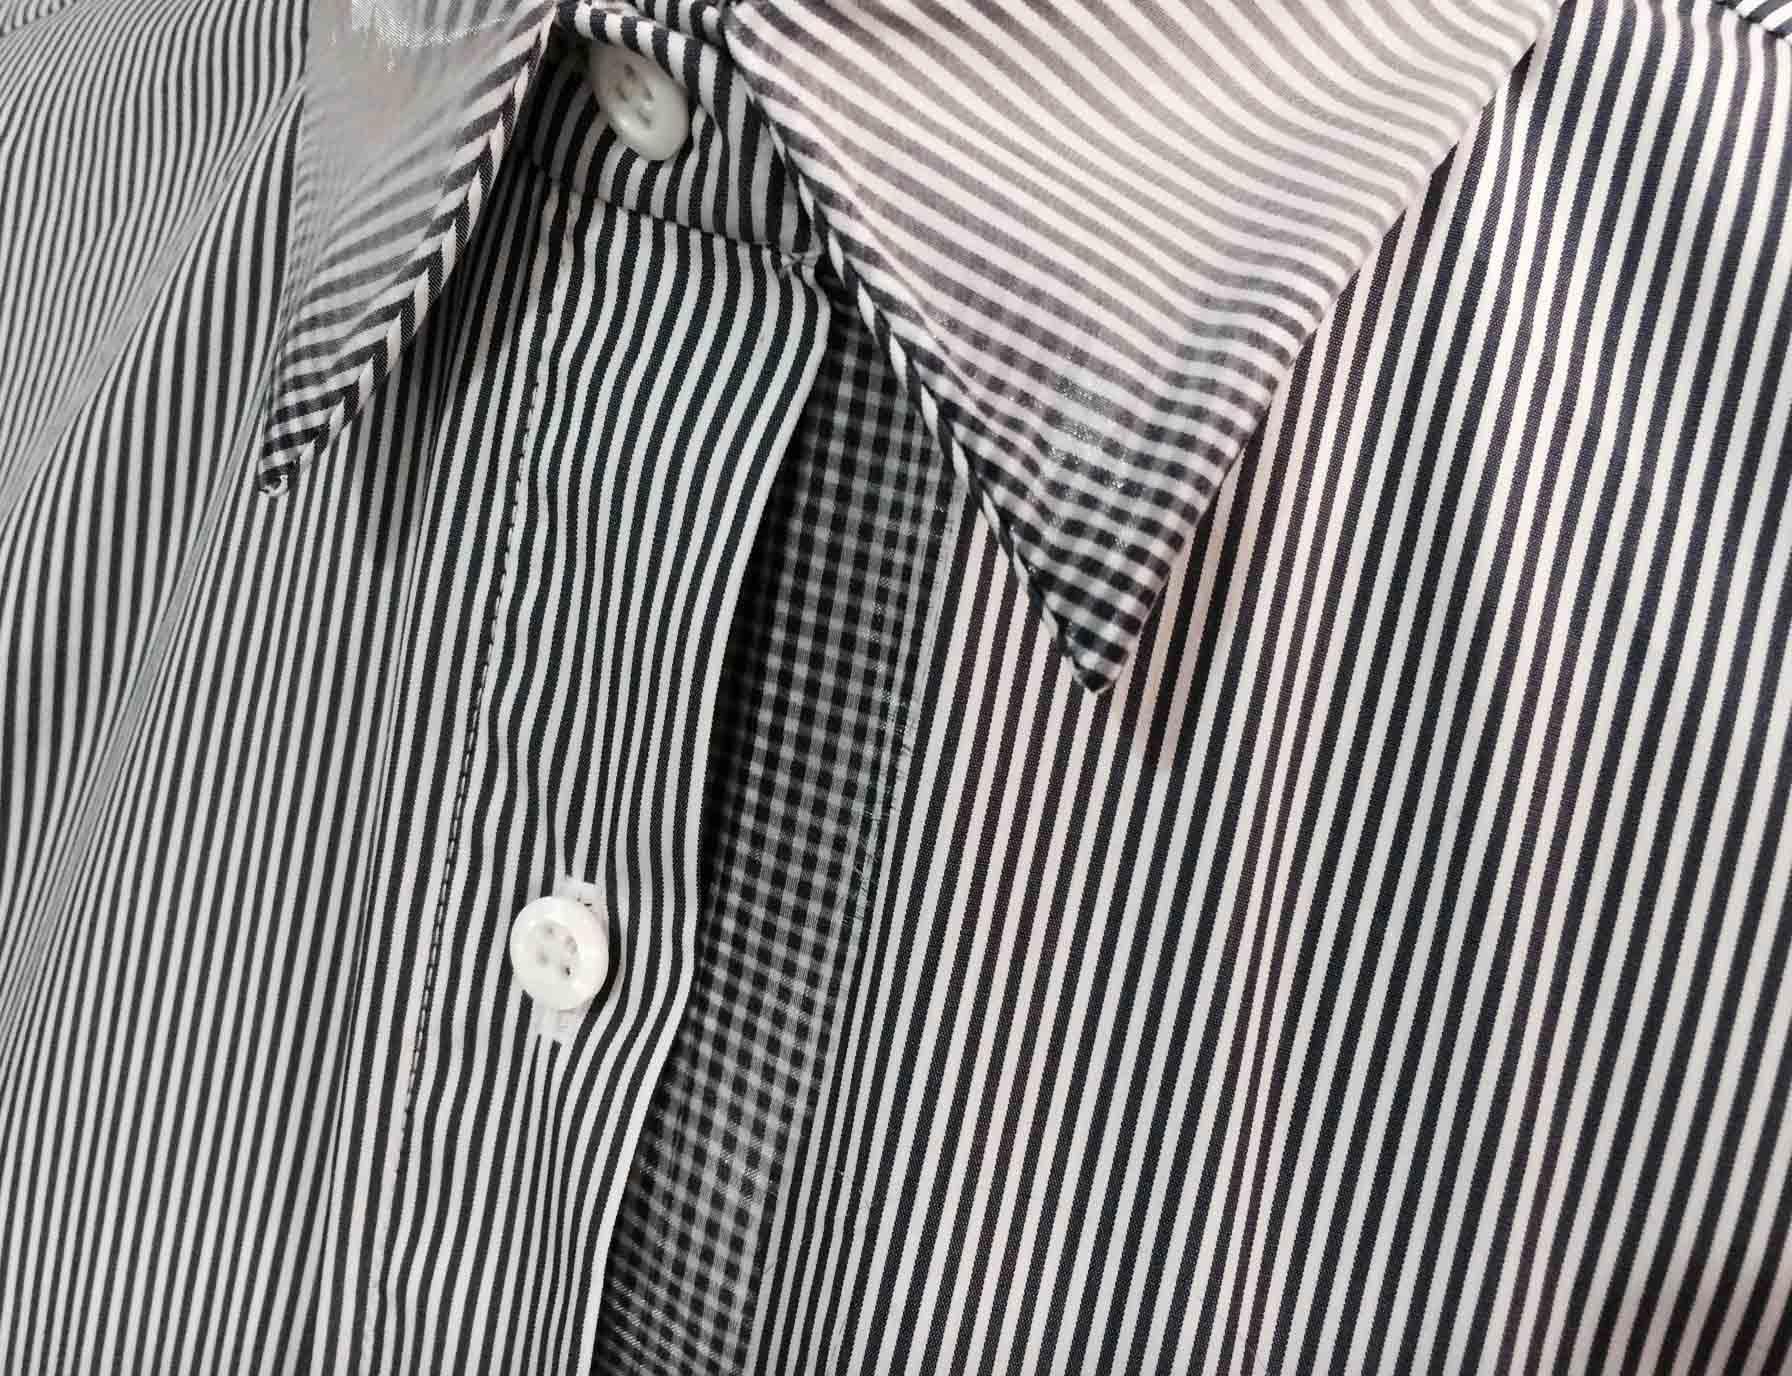 detail | fading stripe print detail